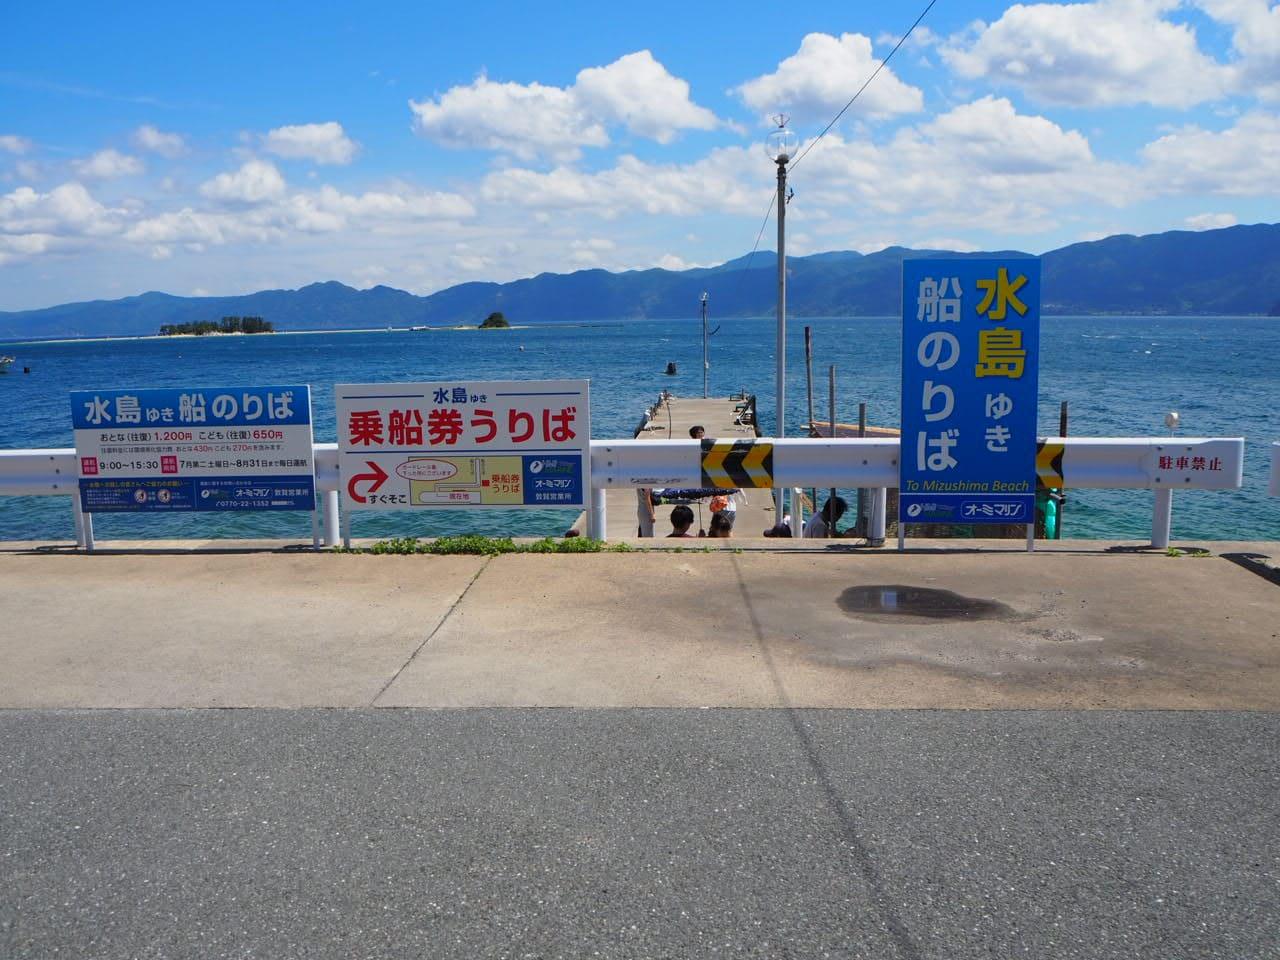 水島に行く船の乗り場までの案内表示